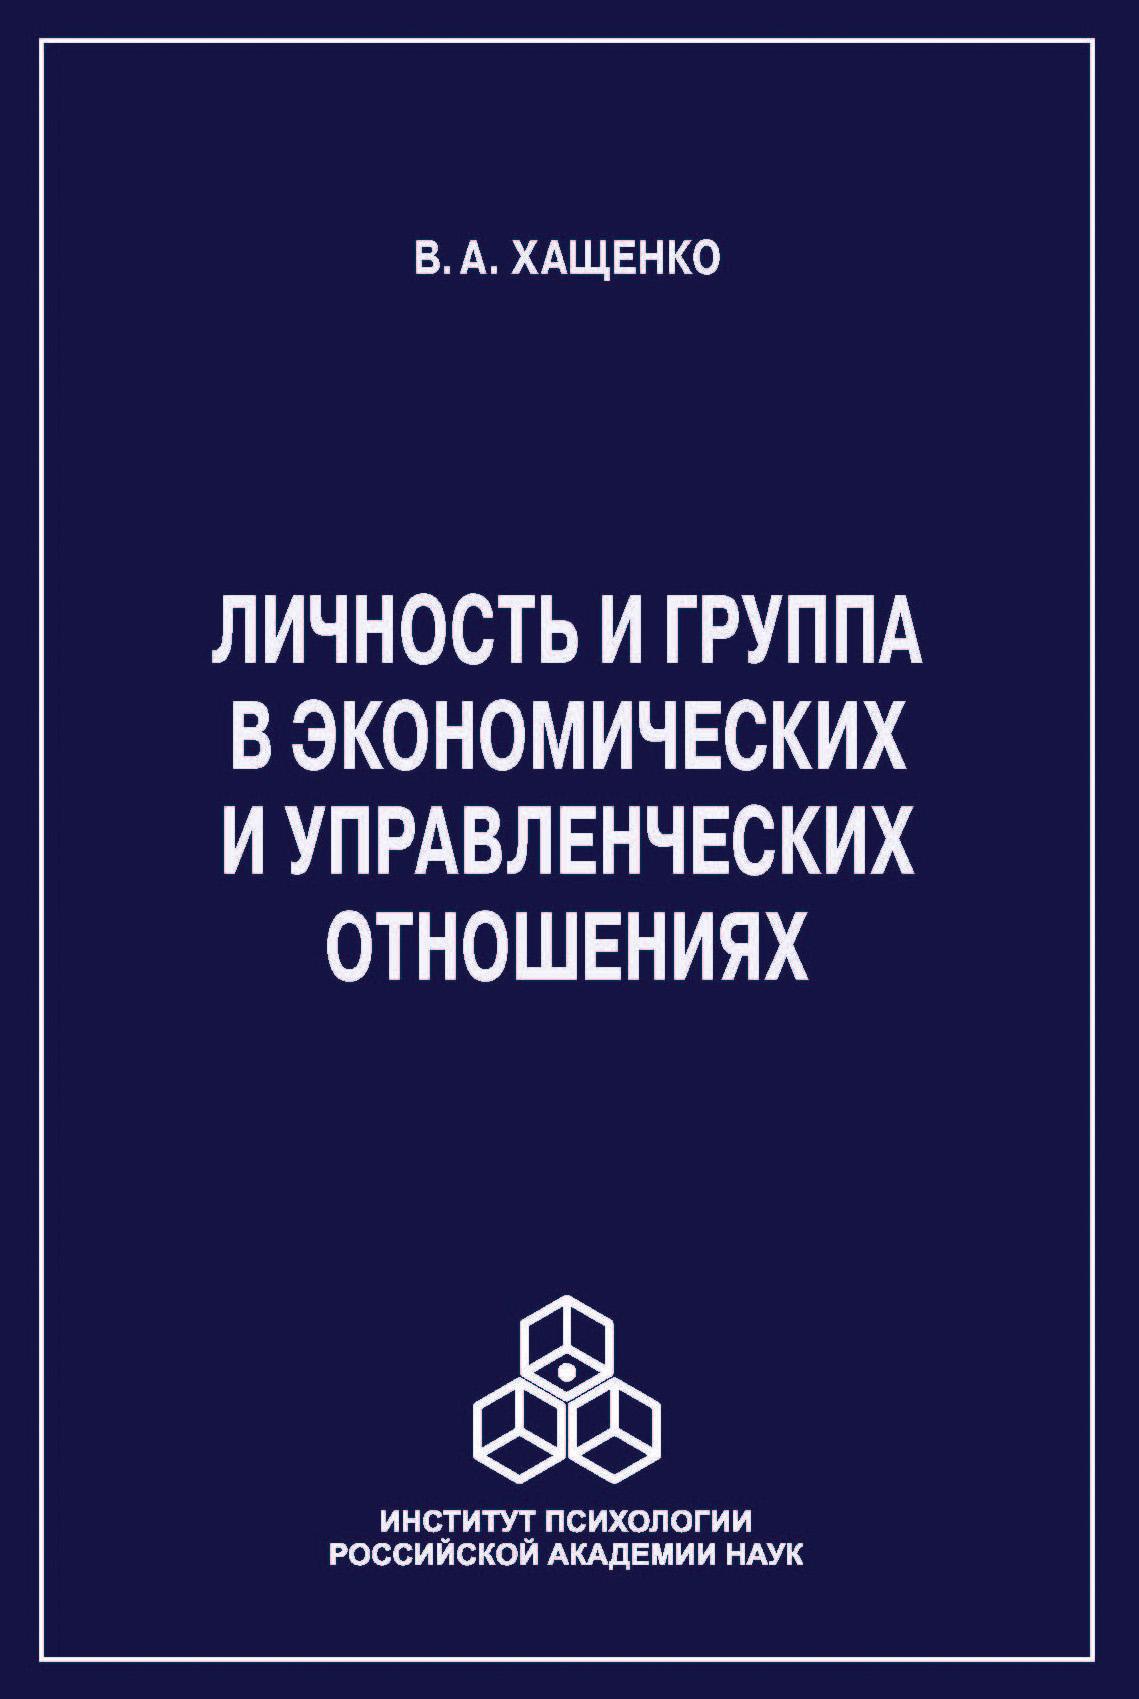 Валерий Хащенко Личность и группа в системе экономических и управленческих отношений методические вопросы исследования экономики океана